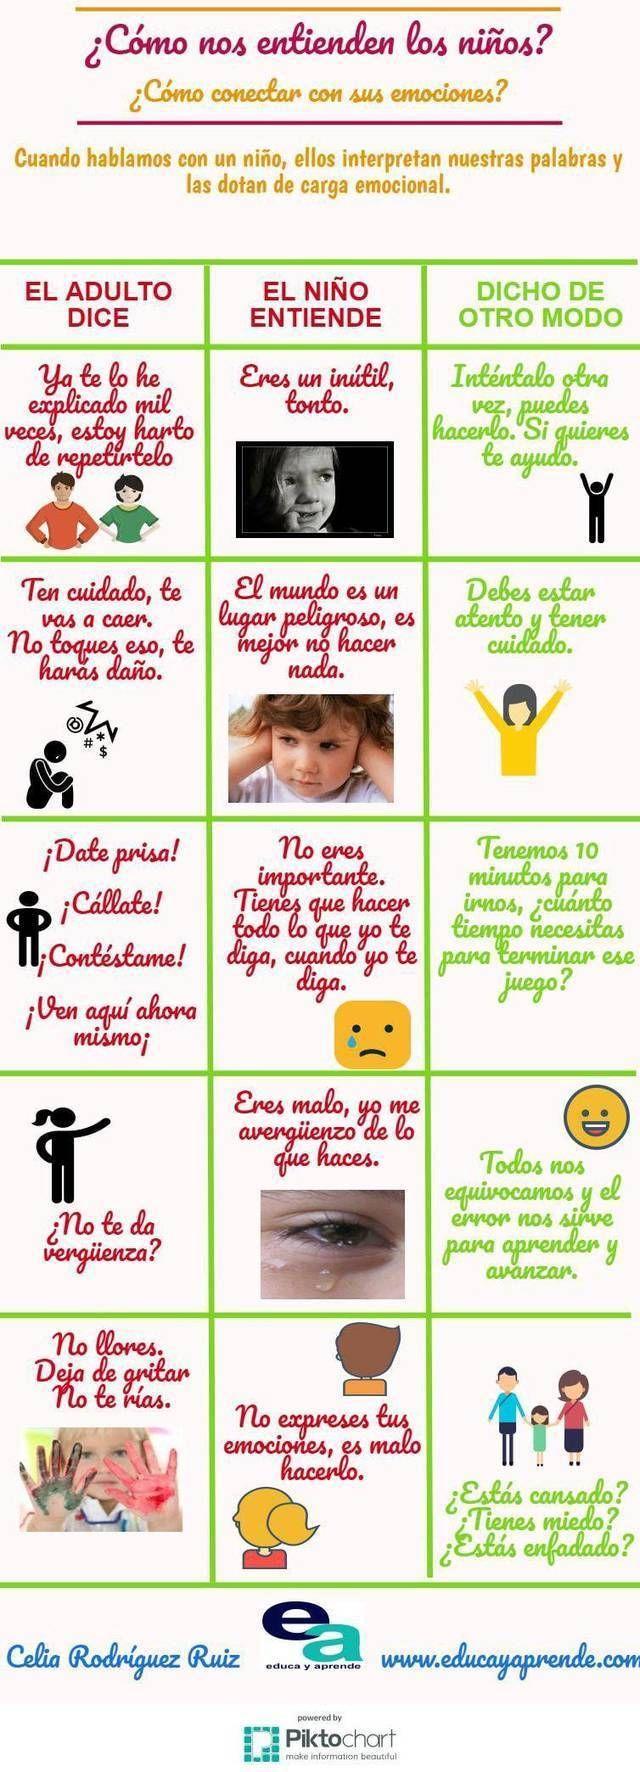 Cómo Interpretan Emocionalmente los Niños nuestras Palabras